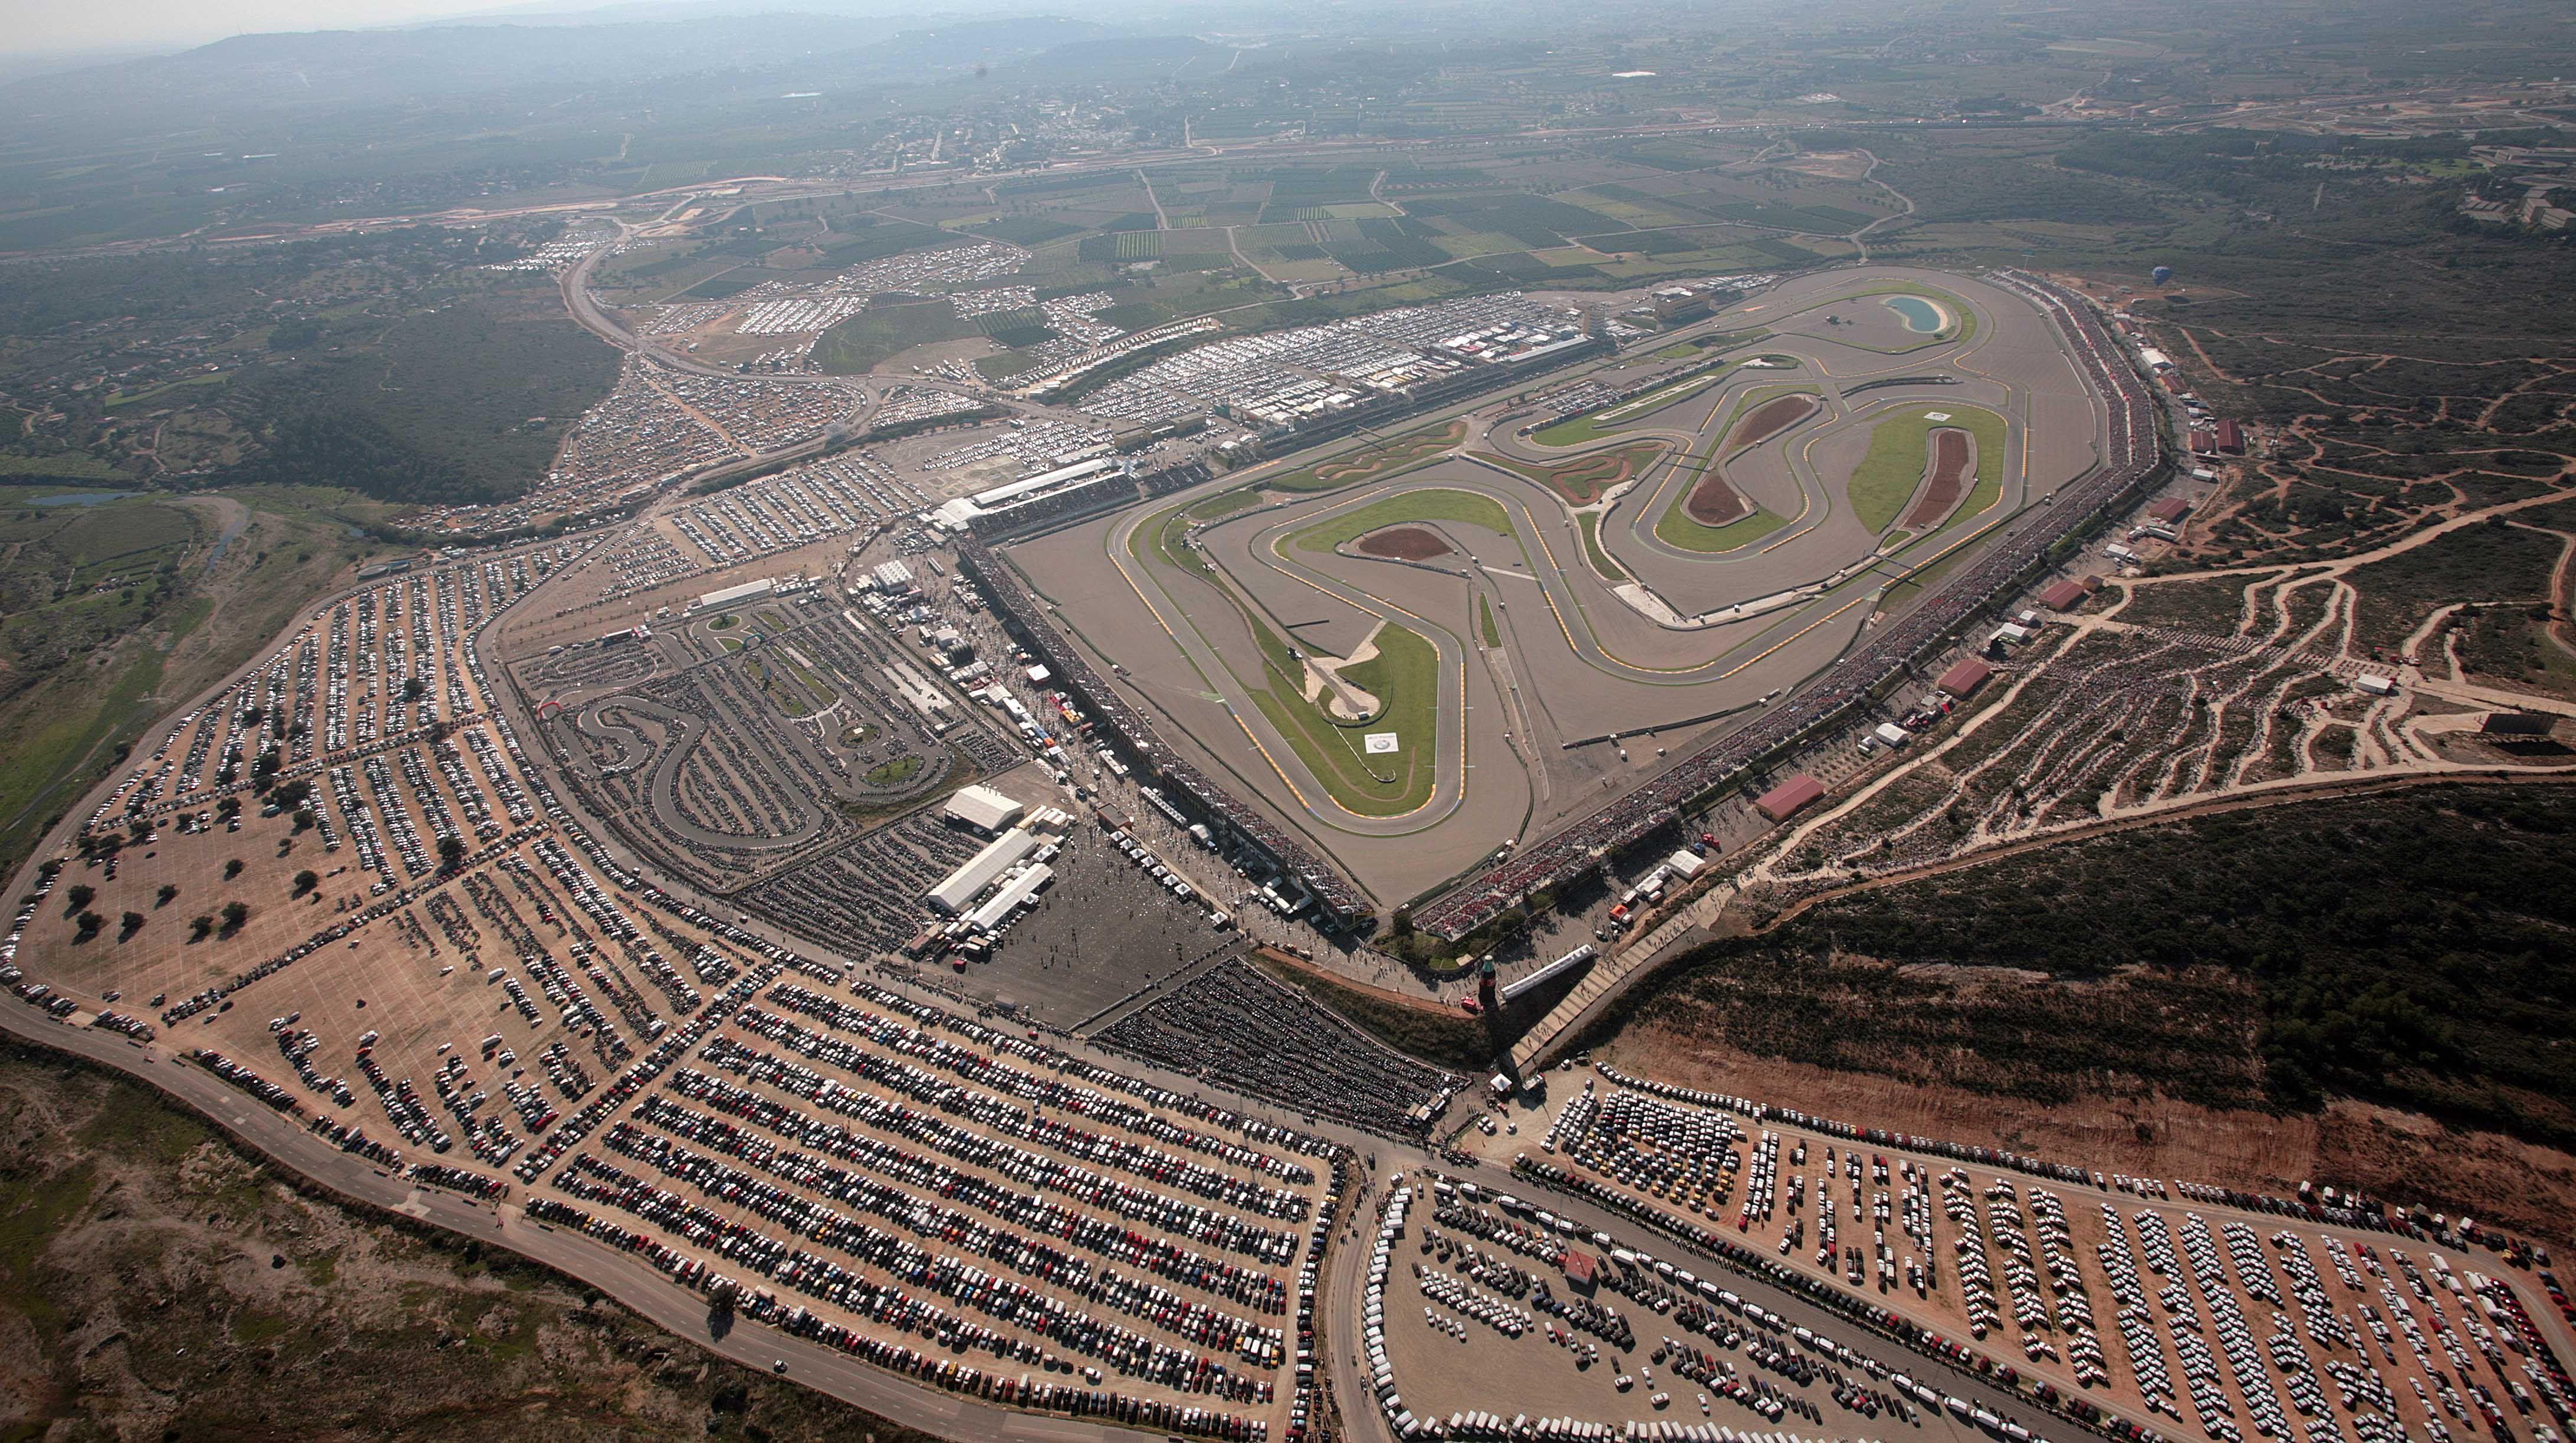 Circuito Ricardo Tormo : Fotografía aérea del circuito ricardo tormo de cheste gran